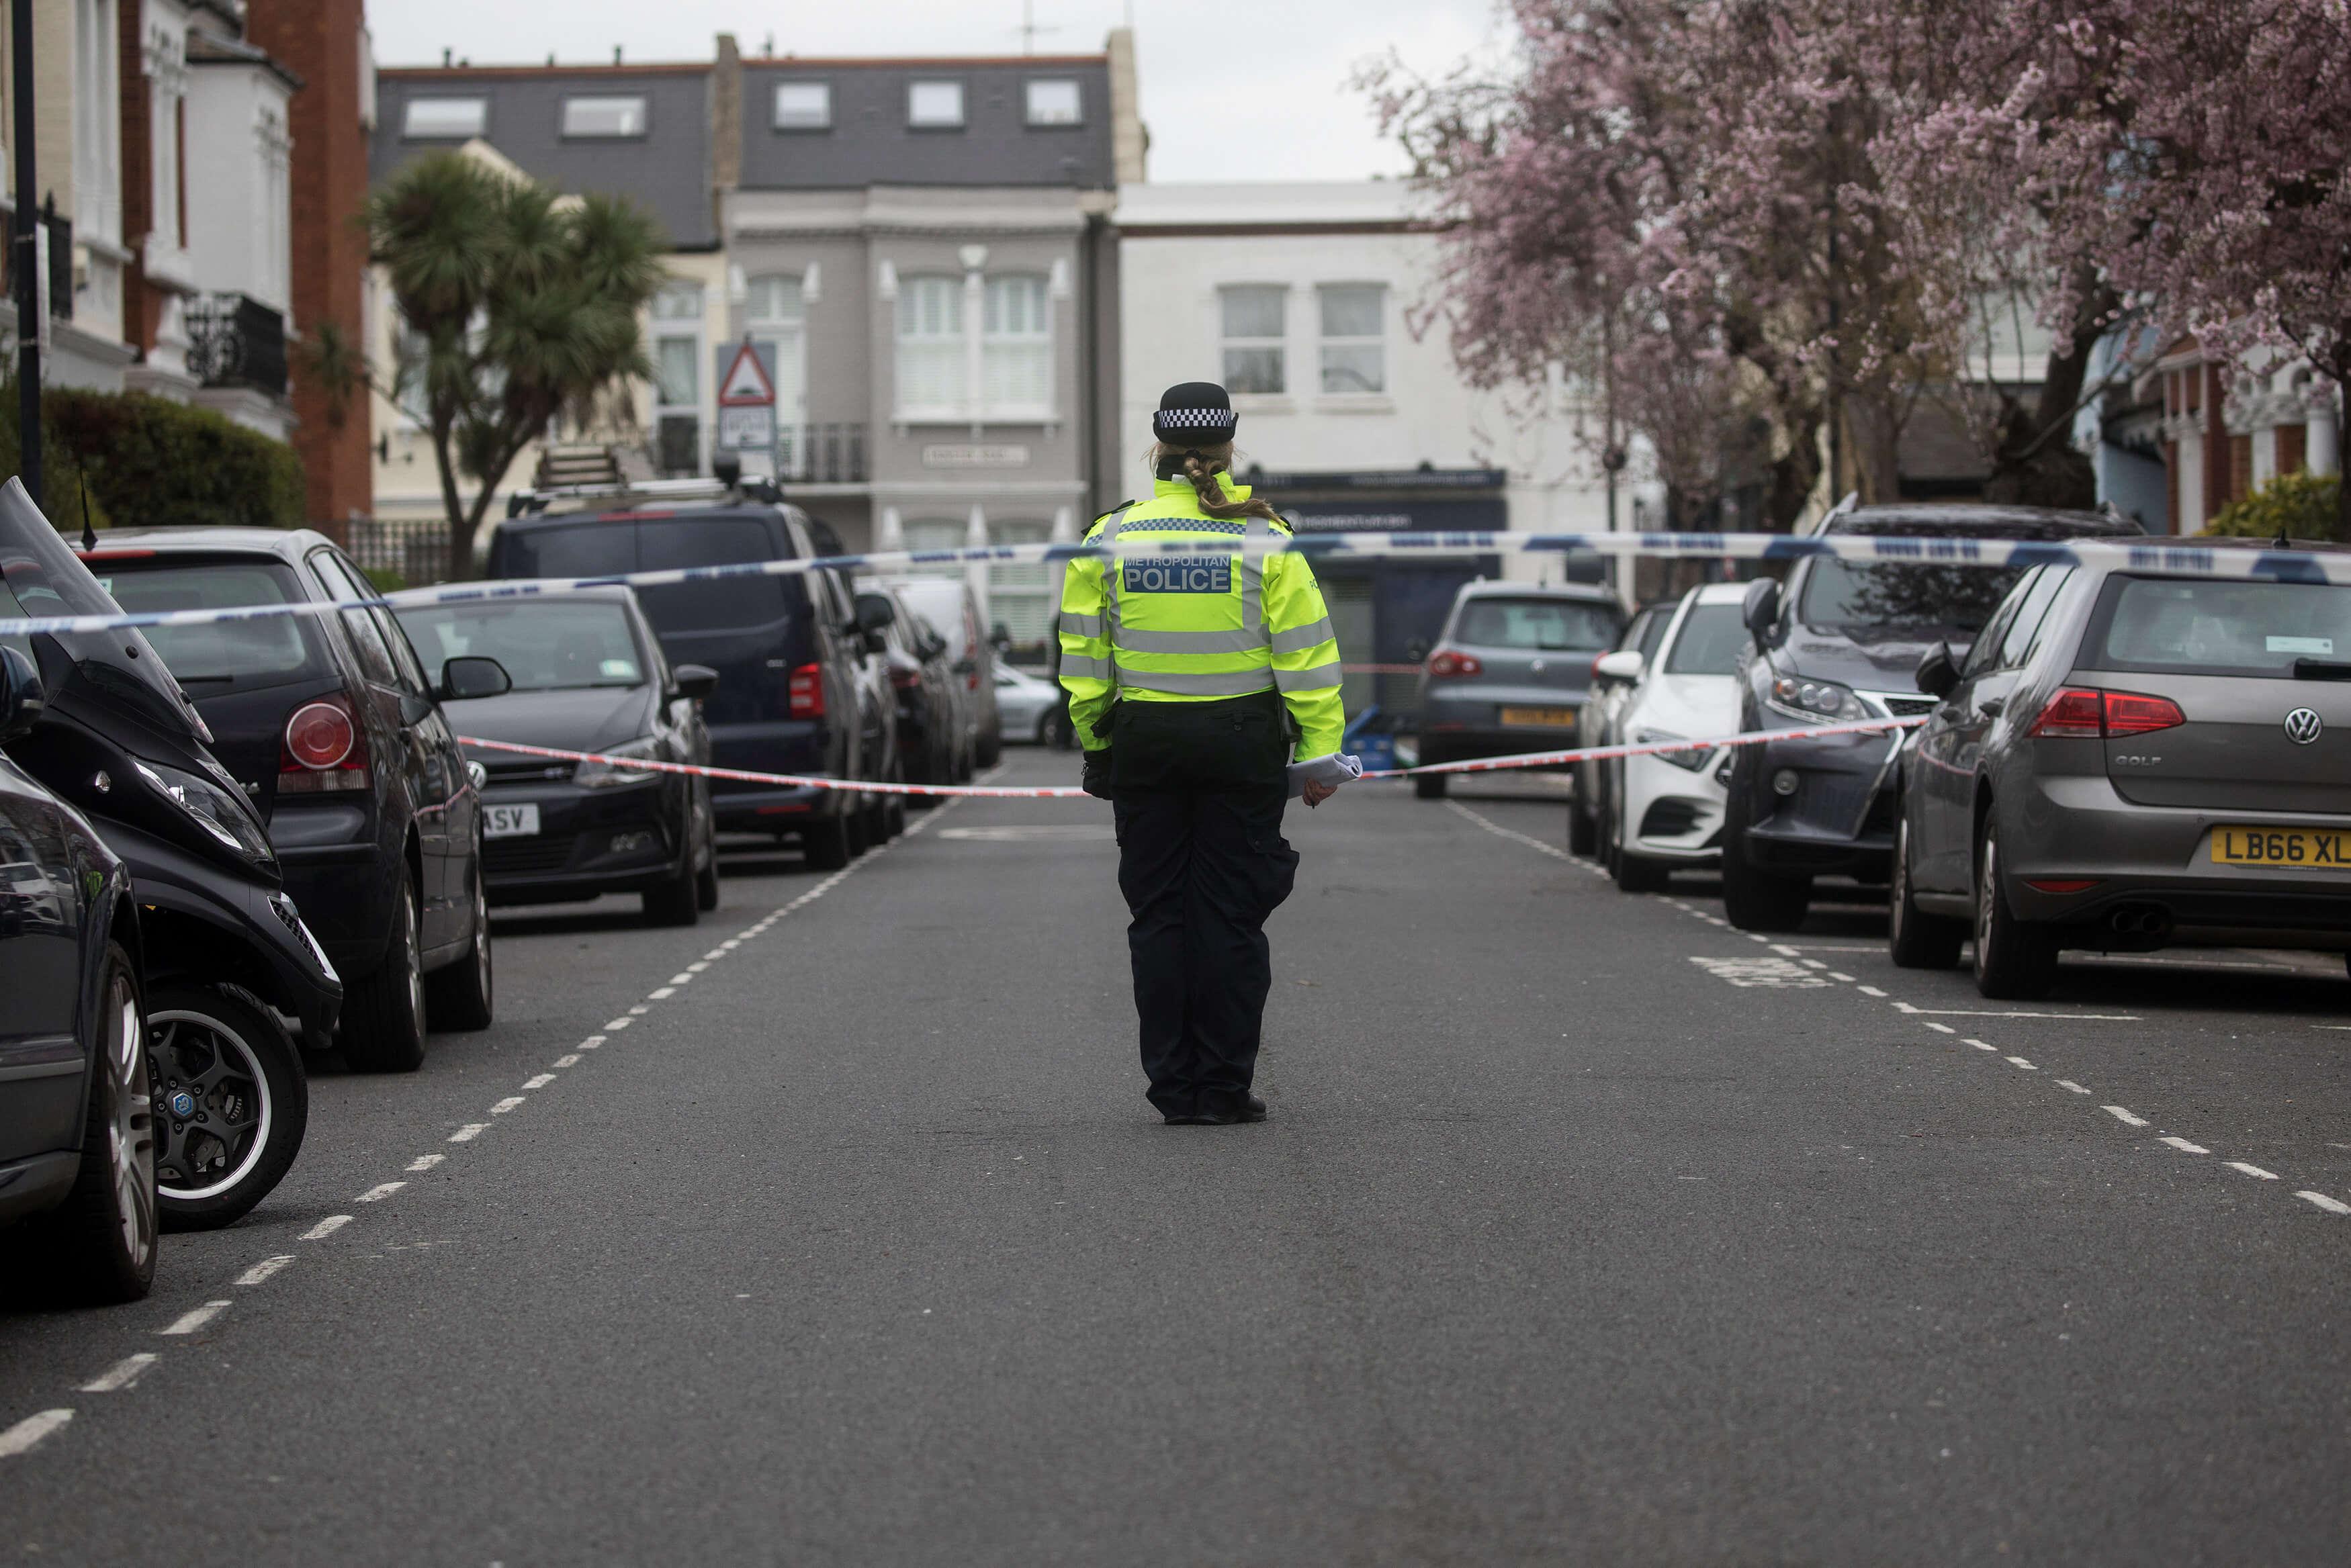 Λονδίνο: Άγνωστος μαχαιρώνει περαστικούς – Πέμπτη επίθεση σε τέσσερις μέρες